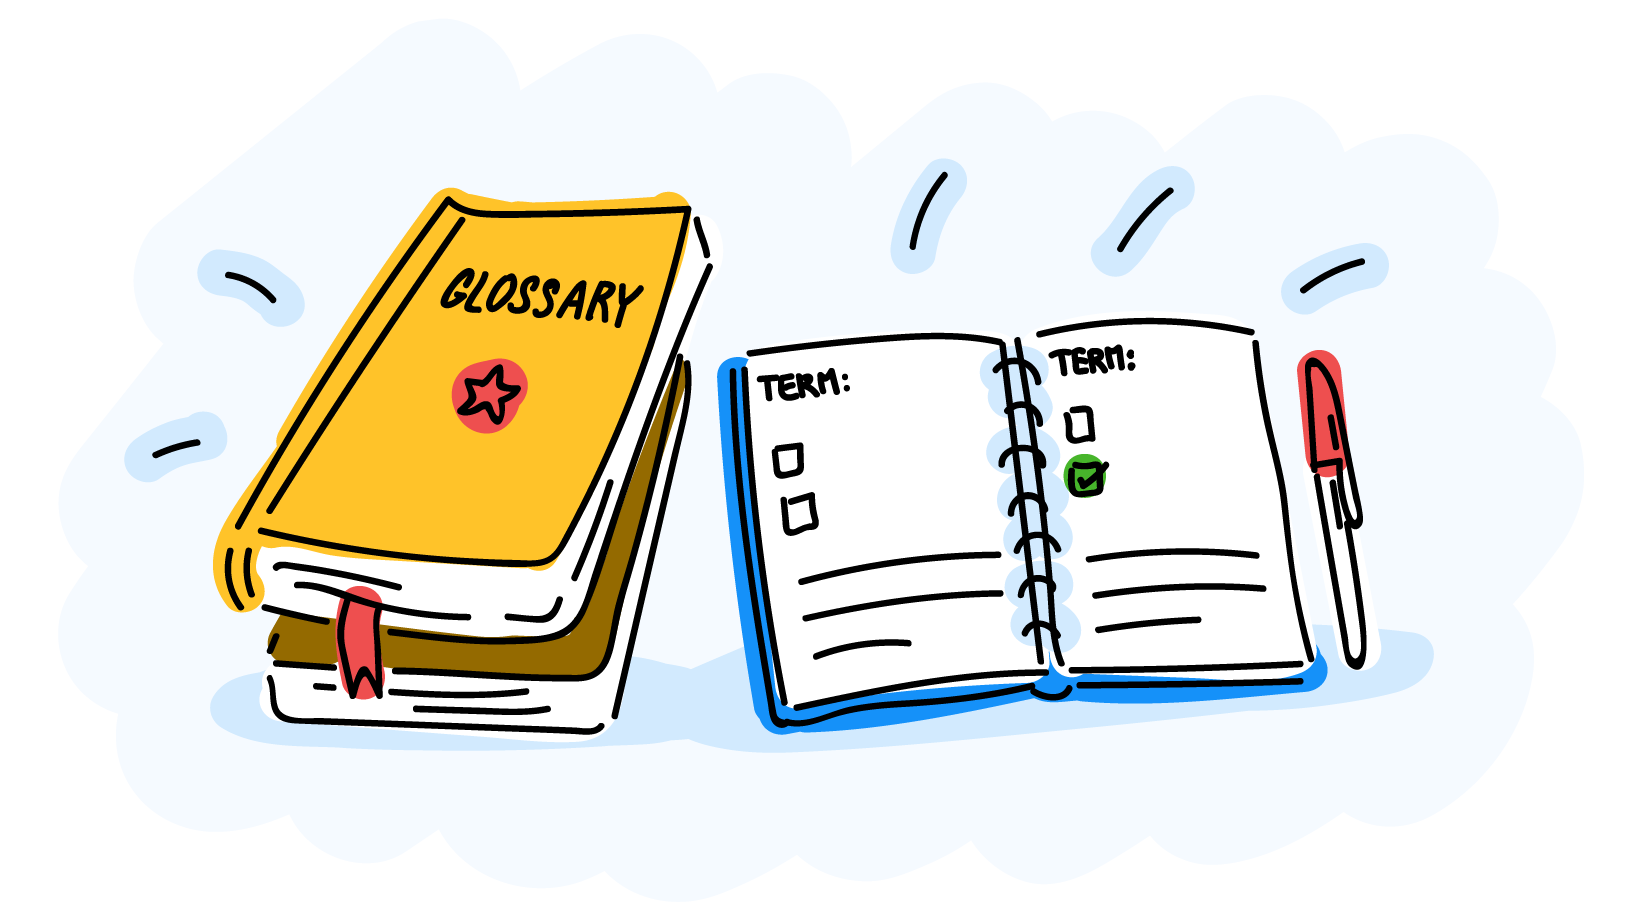 Localazy Glossary